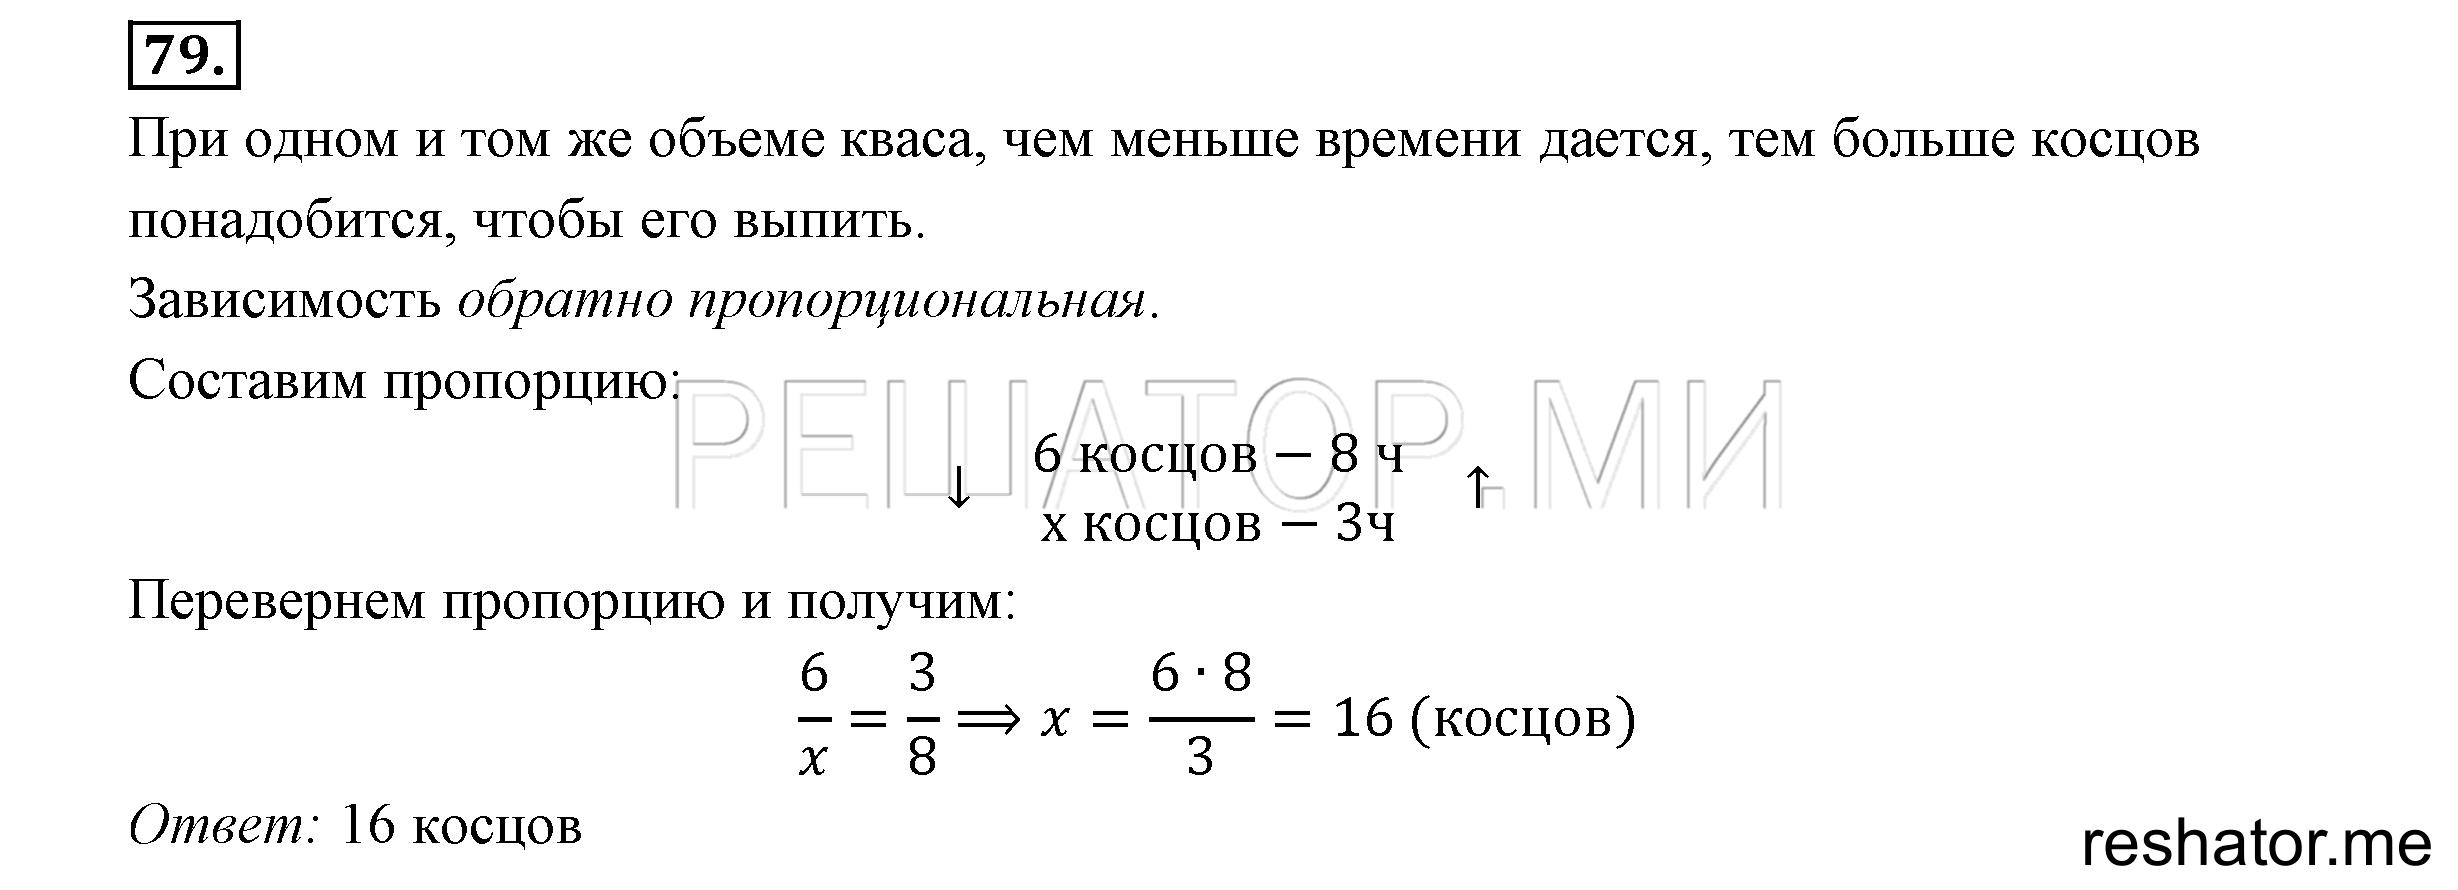 Хочу скачать решебник по алгебре 8 класс никольский 2014 — img 4